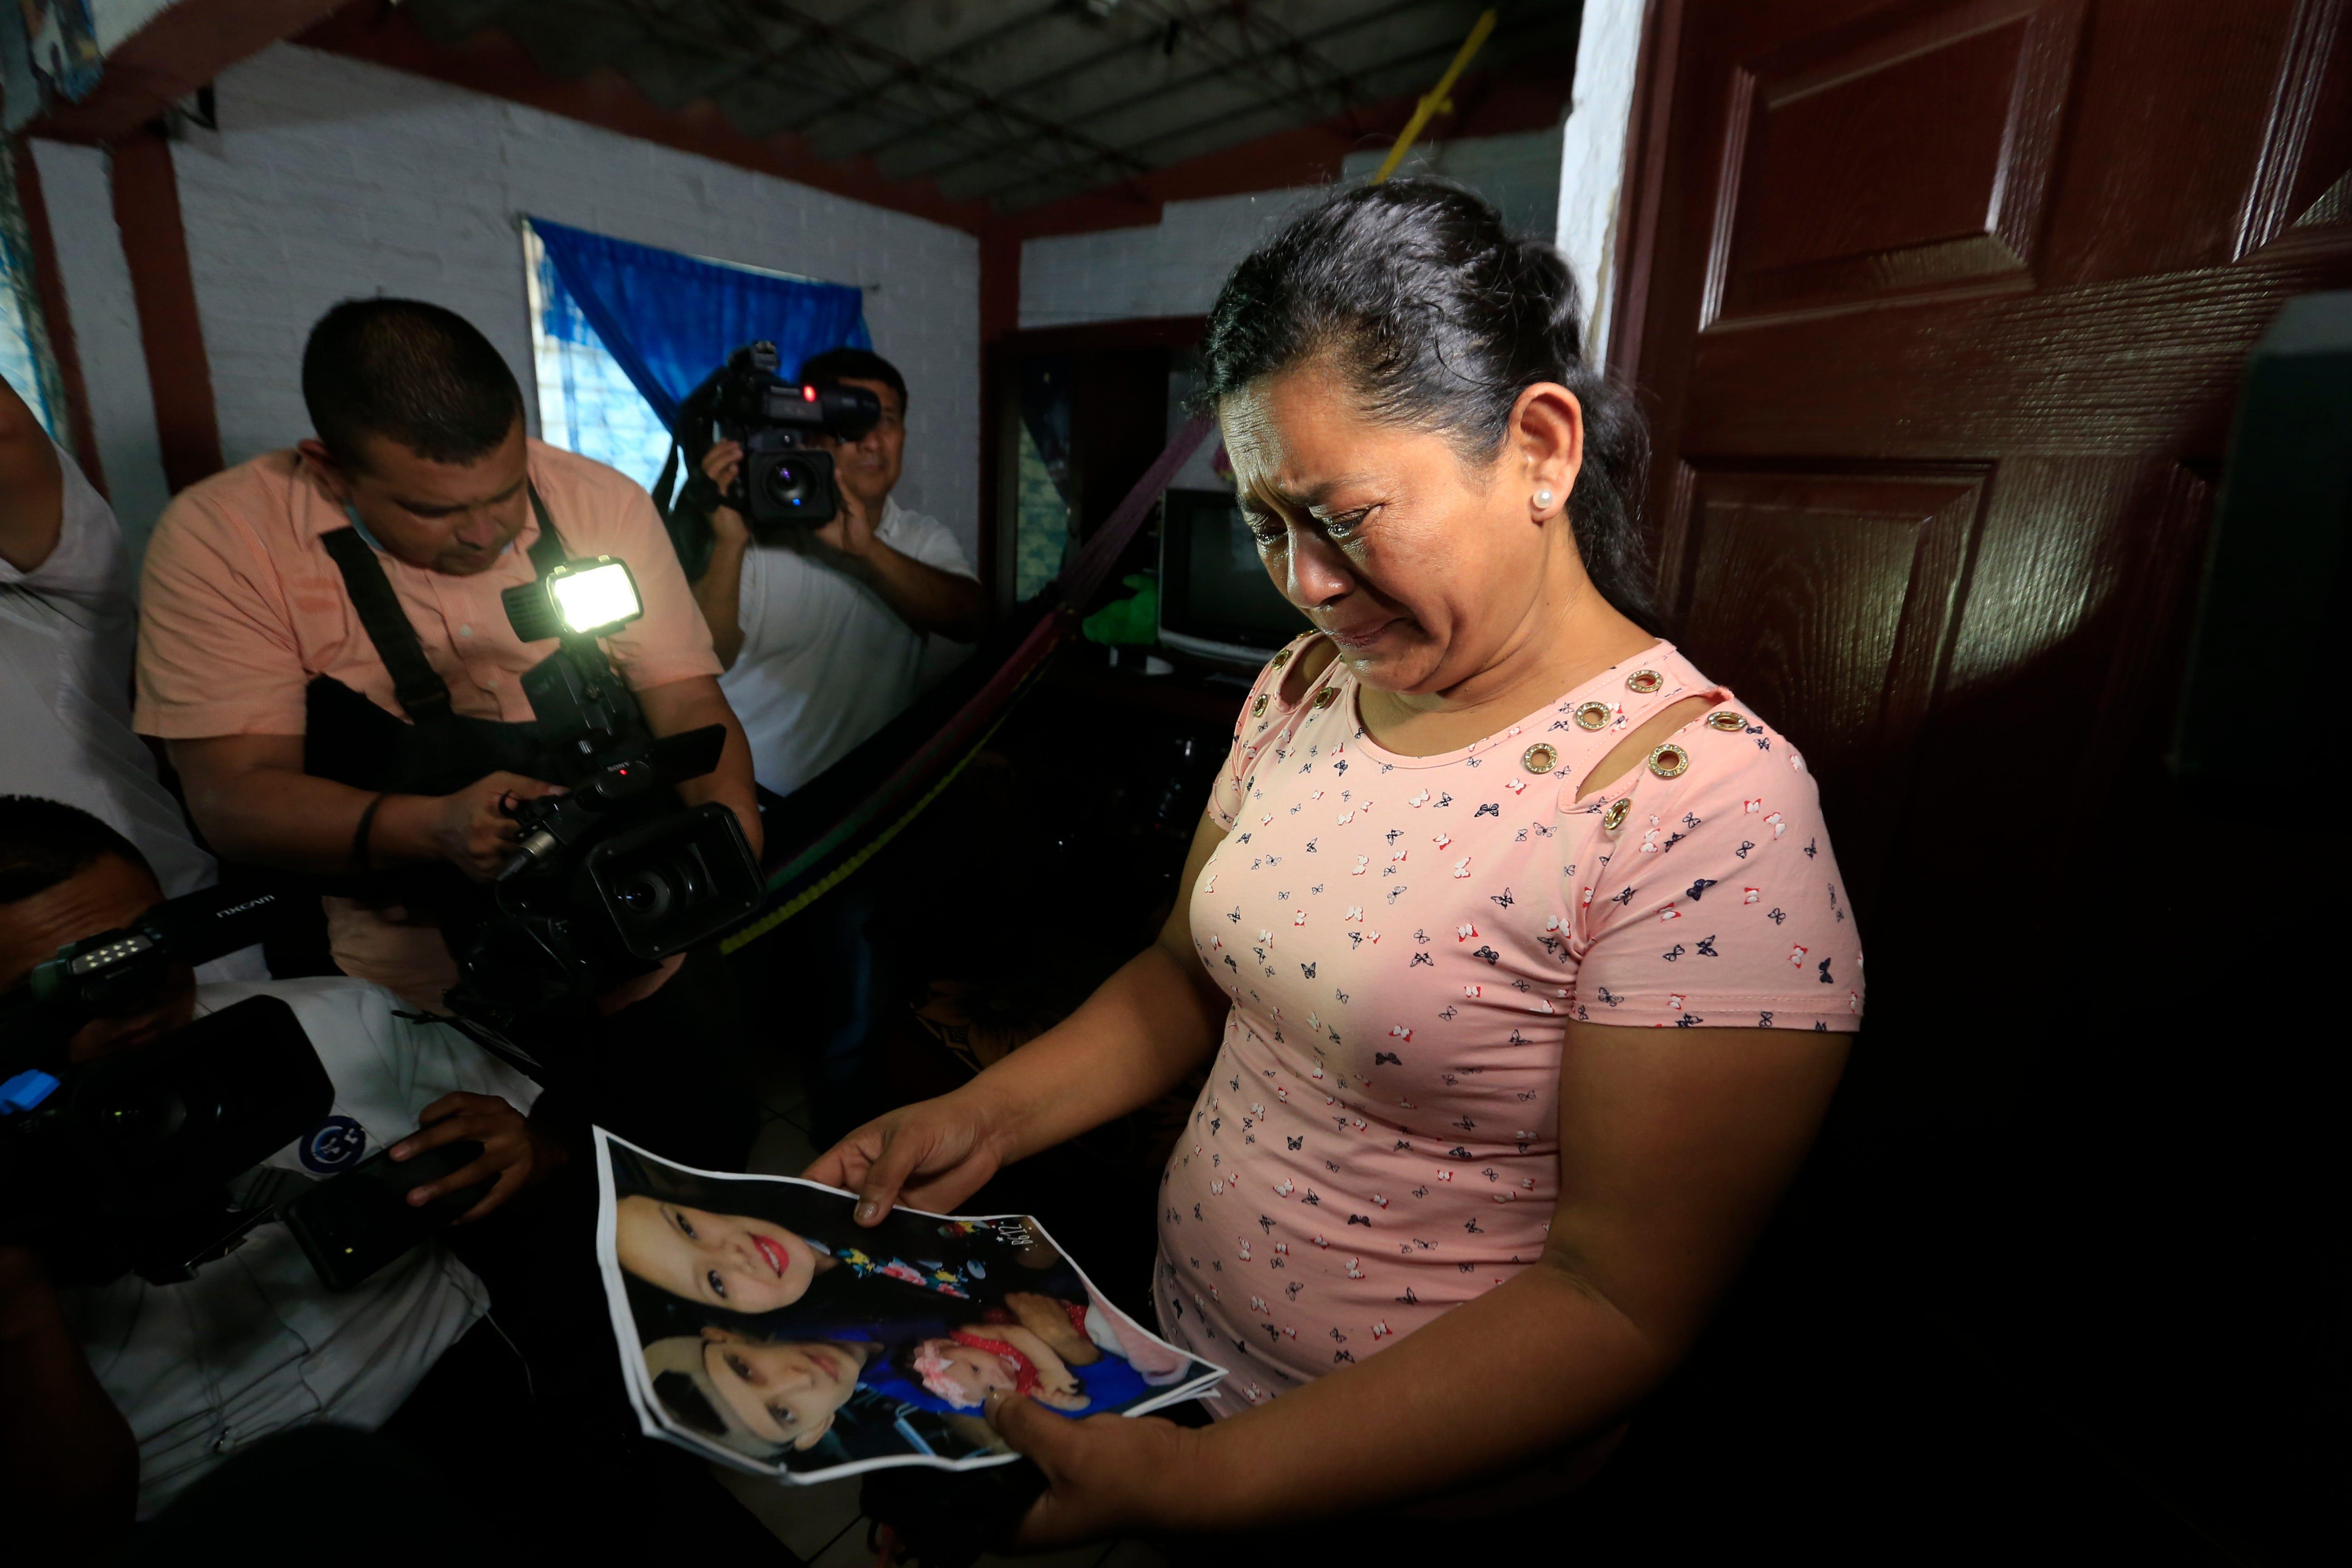 SAN MARTÍN, El Salvador  – Rosa Ramírez llora al ver una foto sacada de las redes sociales de su hijo Óscar Alberto Martínez Ramírez, 25, su nineta Valeria, de casi 2 años, y su nuera Tania Vanessa Avalos, 21, mientras habla con periodistas en su casa el 25 de junio del 2019.